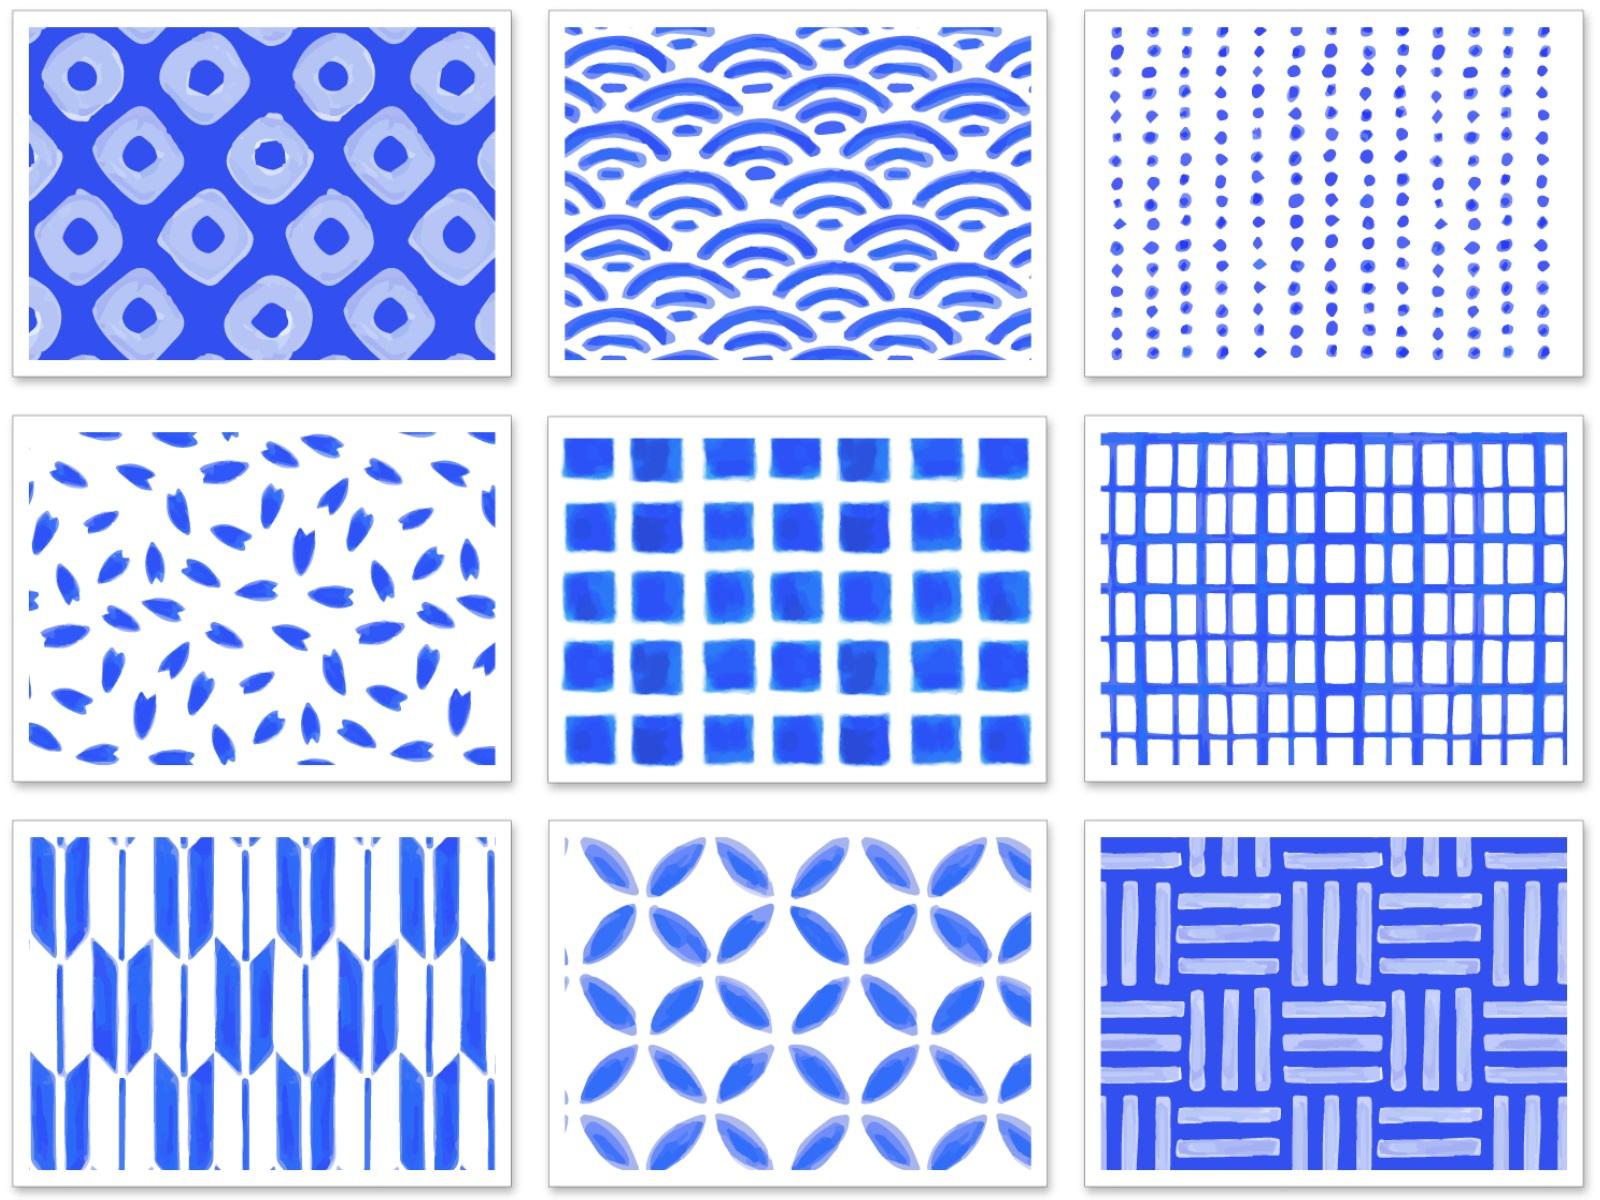 和柄のパターンのイラスト